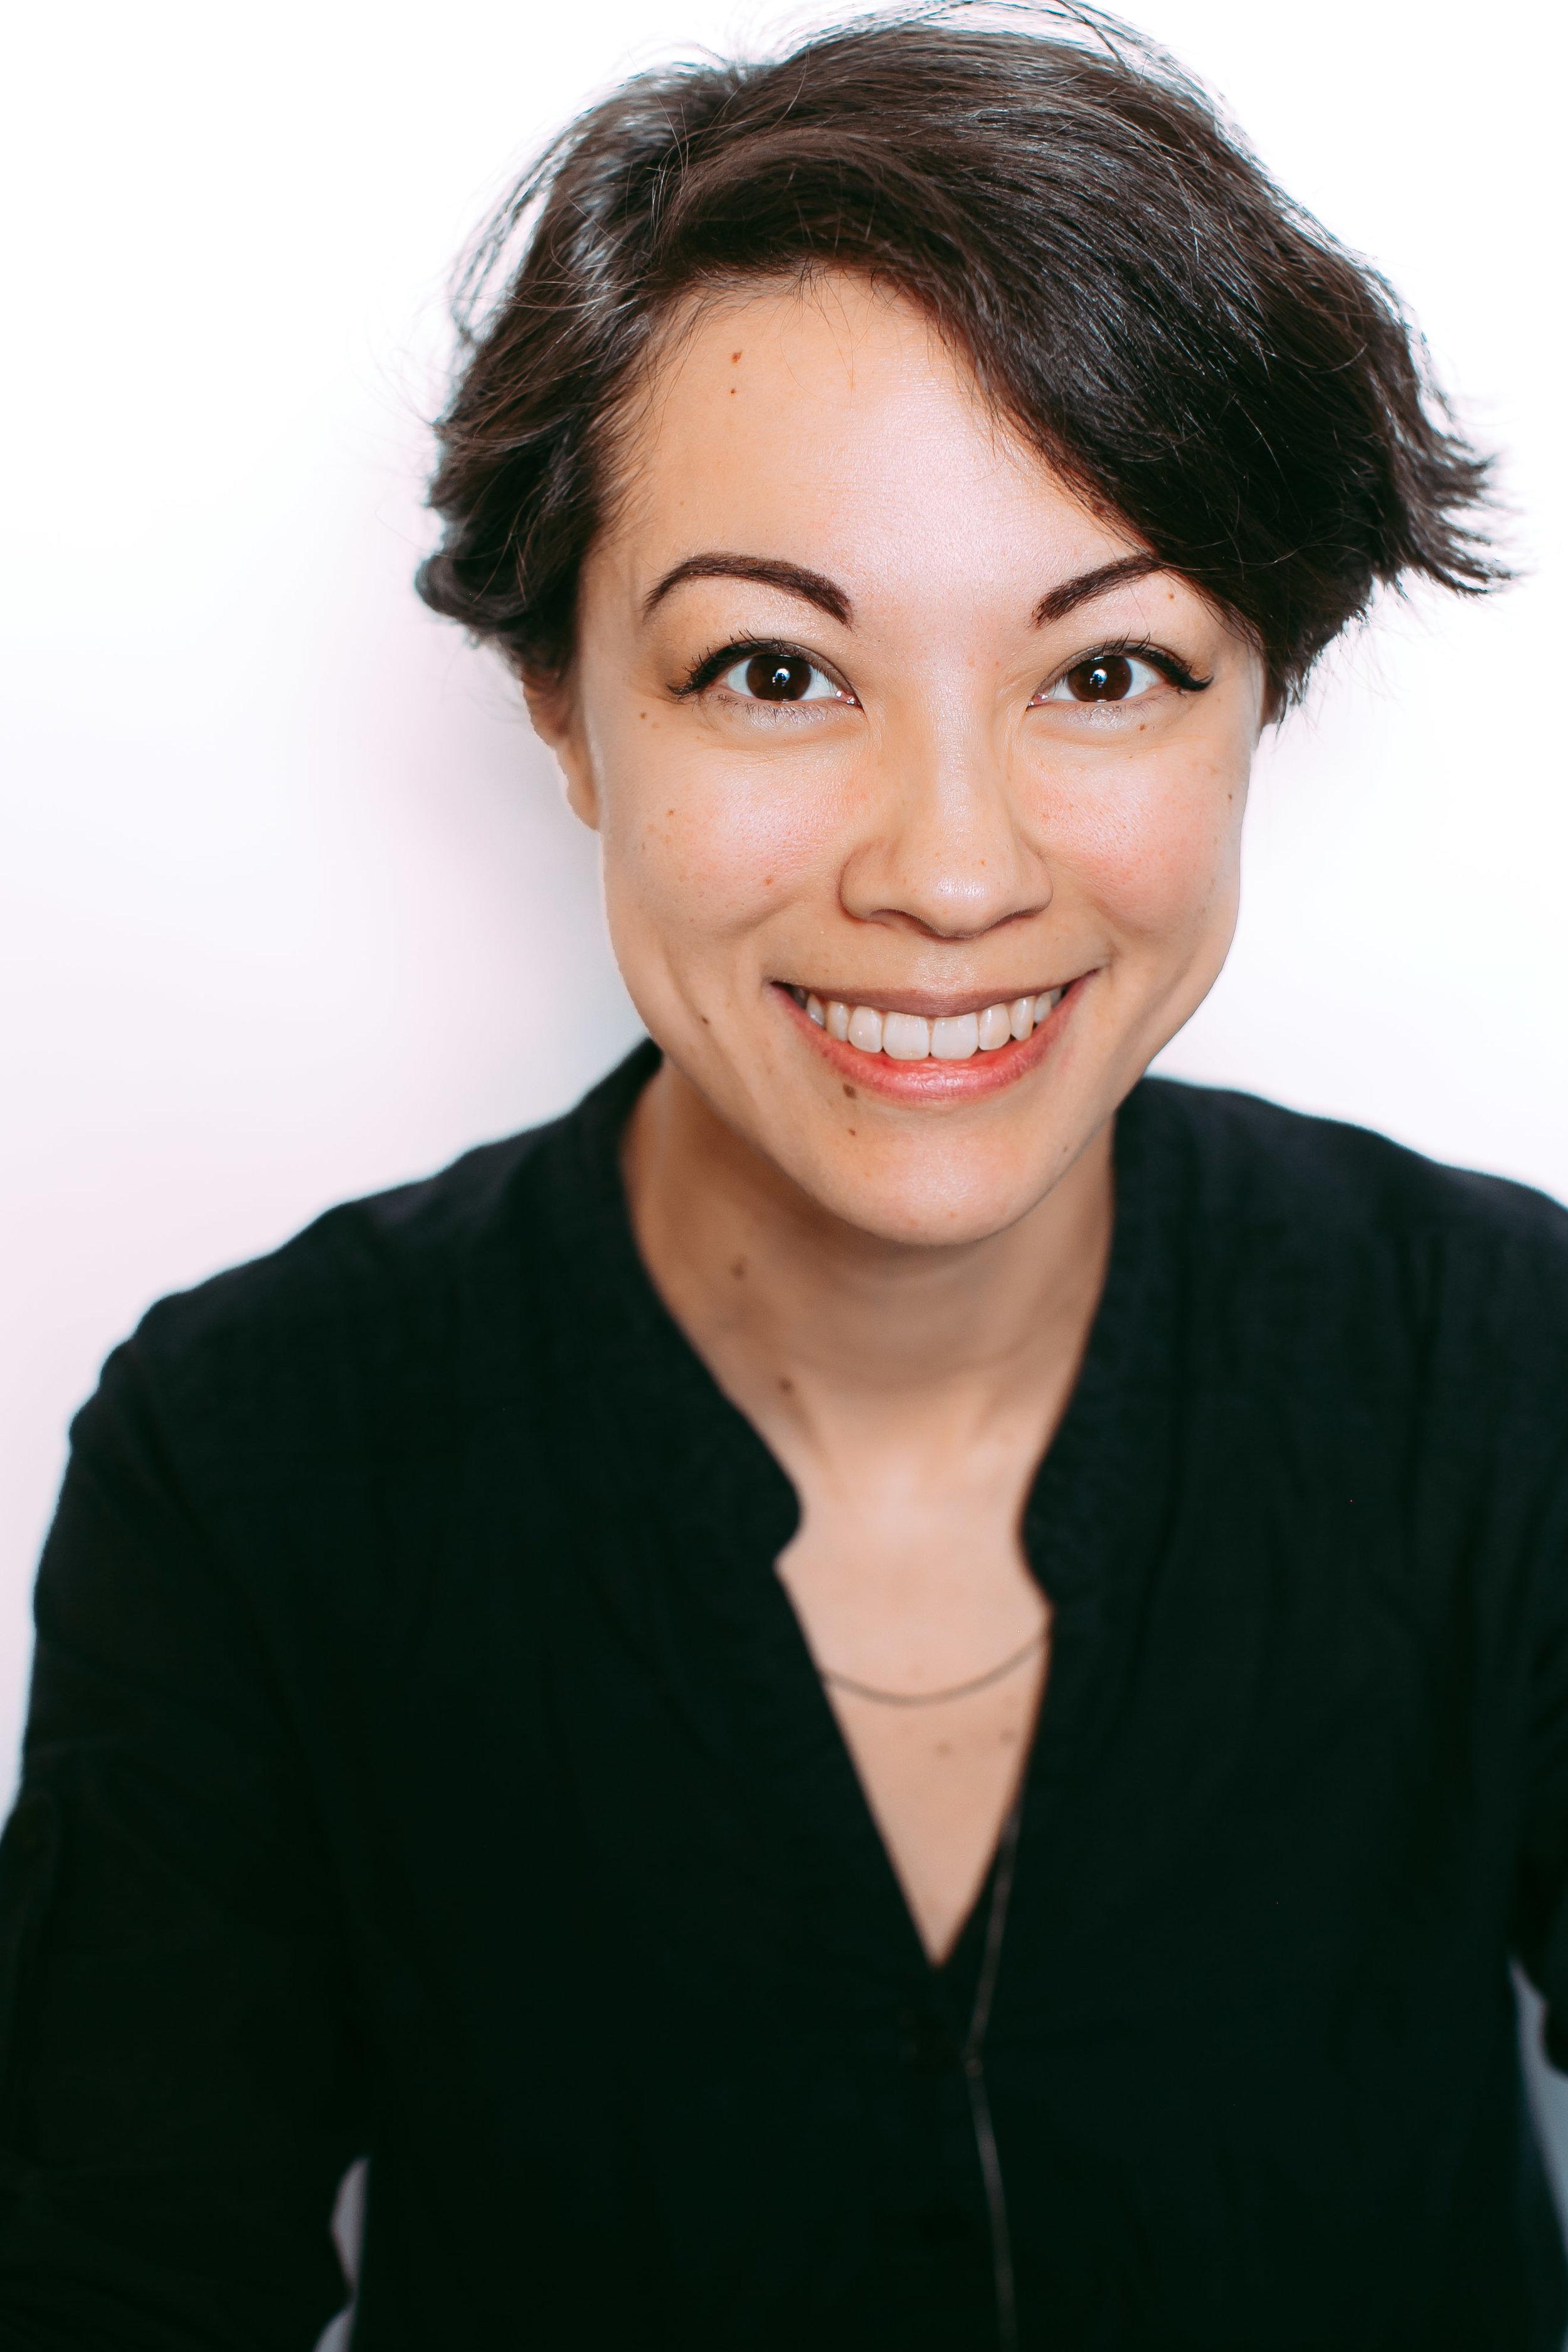 Mei-ing Nieuwland - Art Director